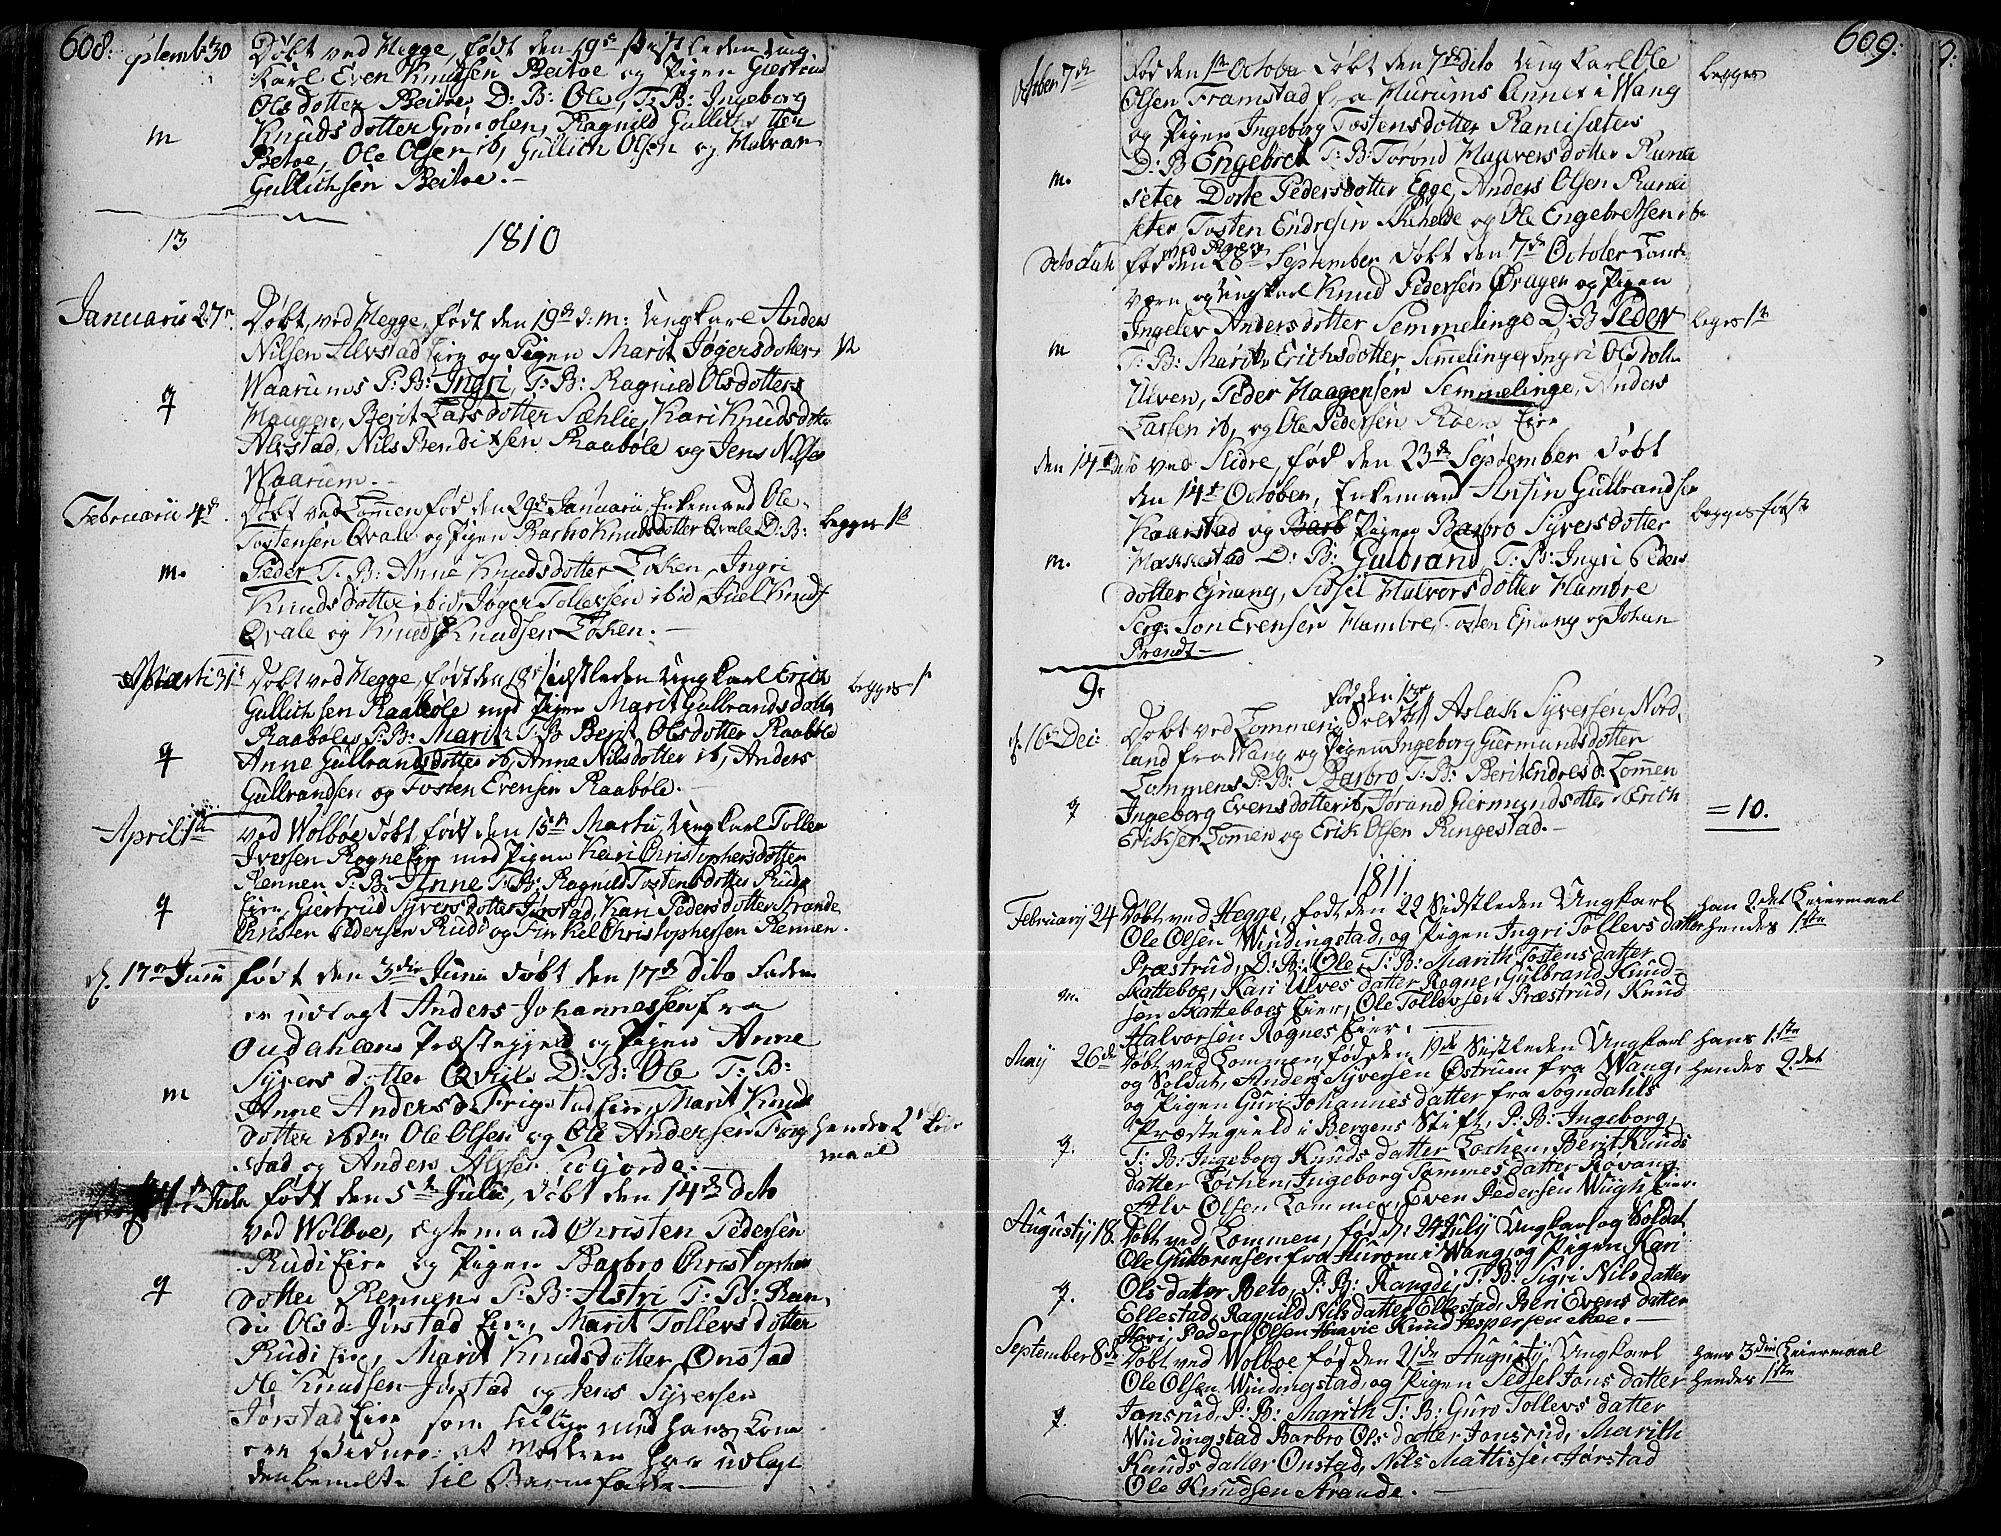 SAH, Slidre prestekontor, Ministerialbok nr. 1, 1724-1814, s. 608-609